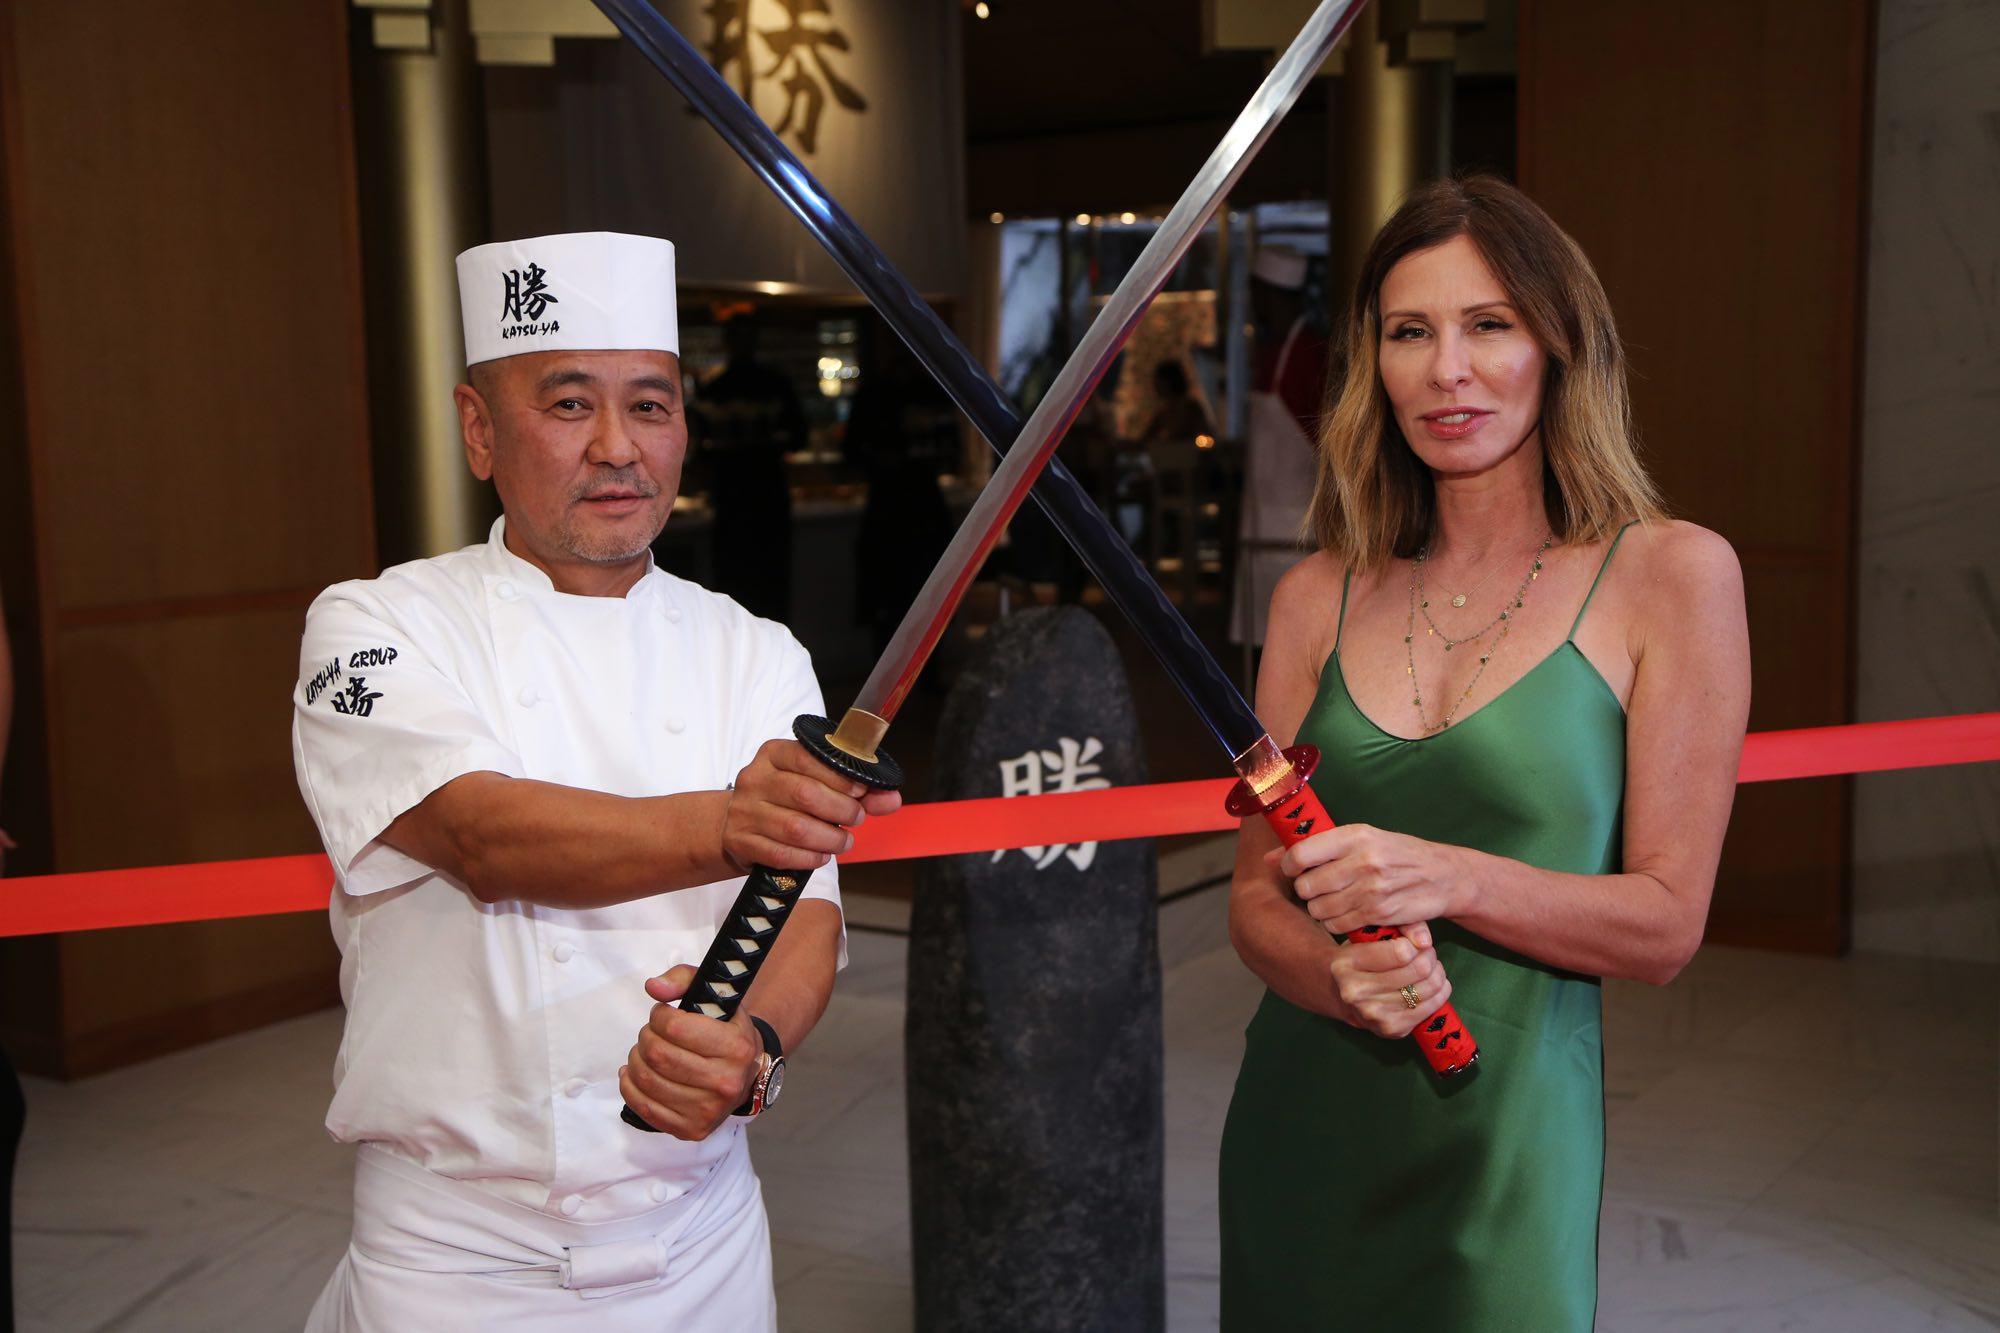 Chef Katsuya Uechi + Carole Radziwill